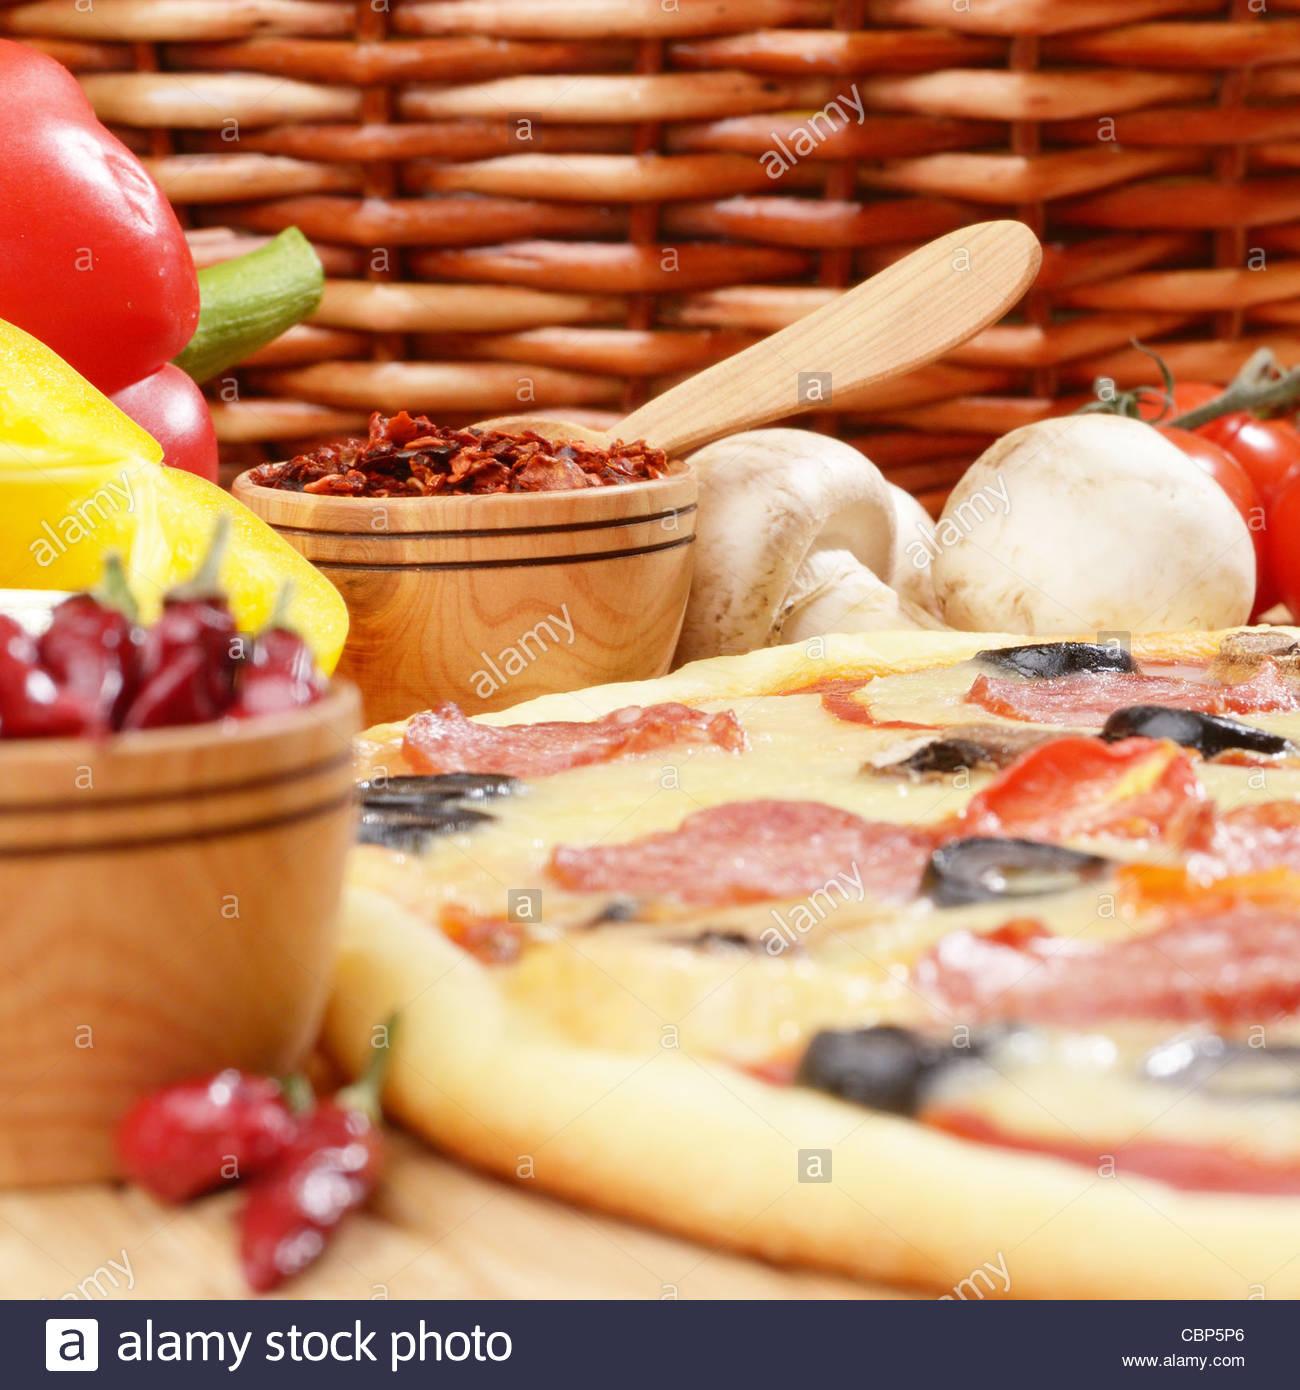 Peperoni-Pizza mit Kirschen und Pilze auf dem Küchentisch Stockfoto ...